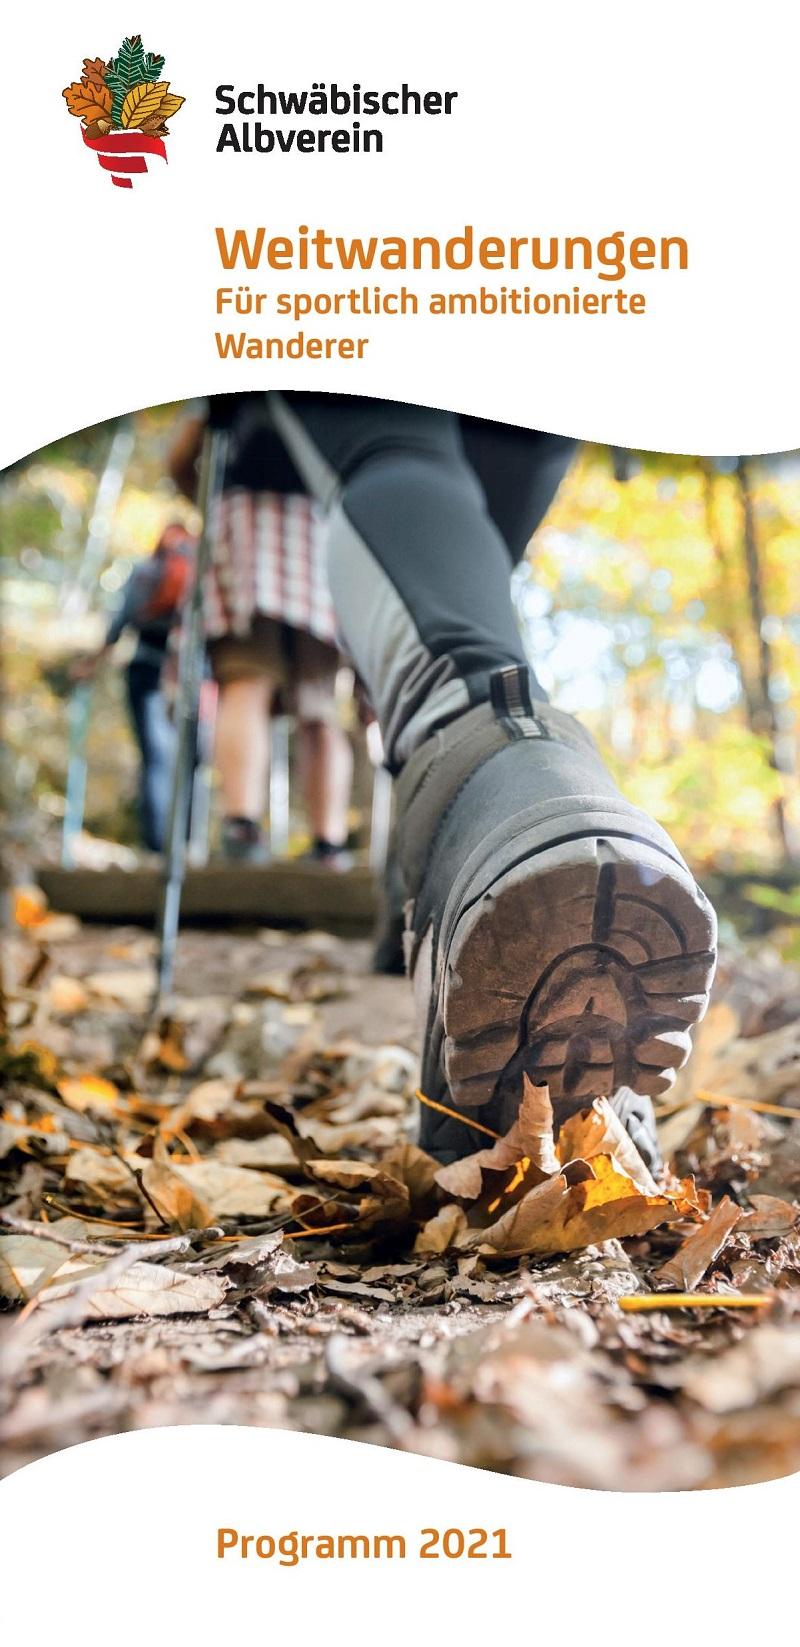 Weitwanderungen - Für sportlich ambitionierte Wanderer